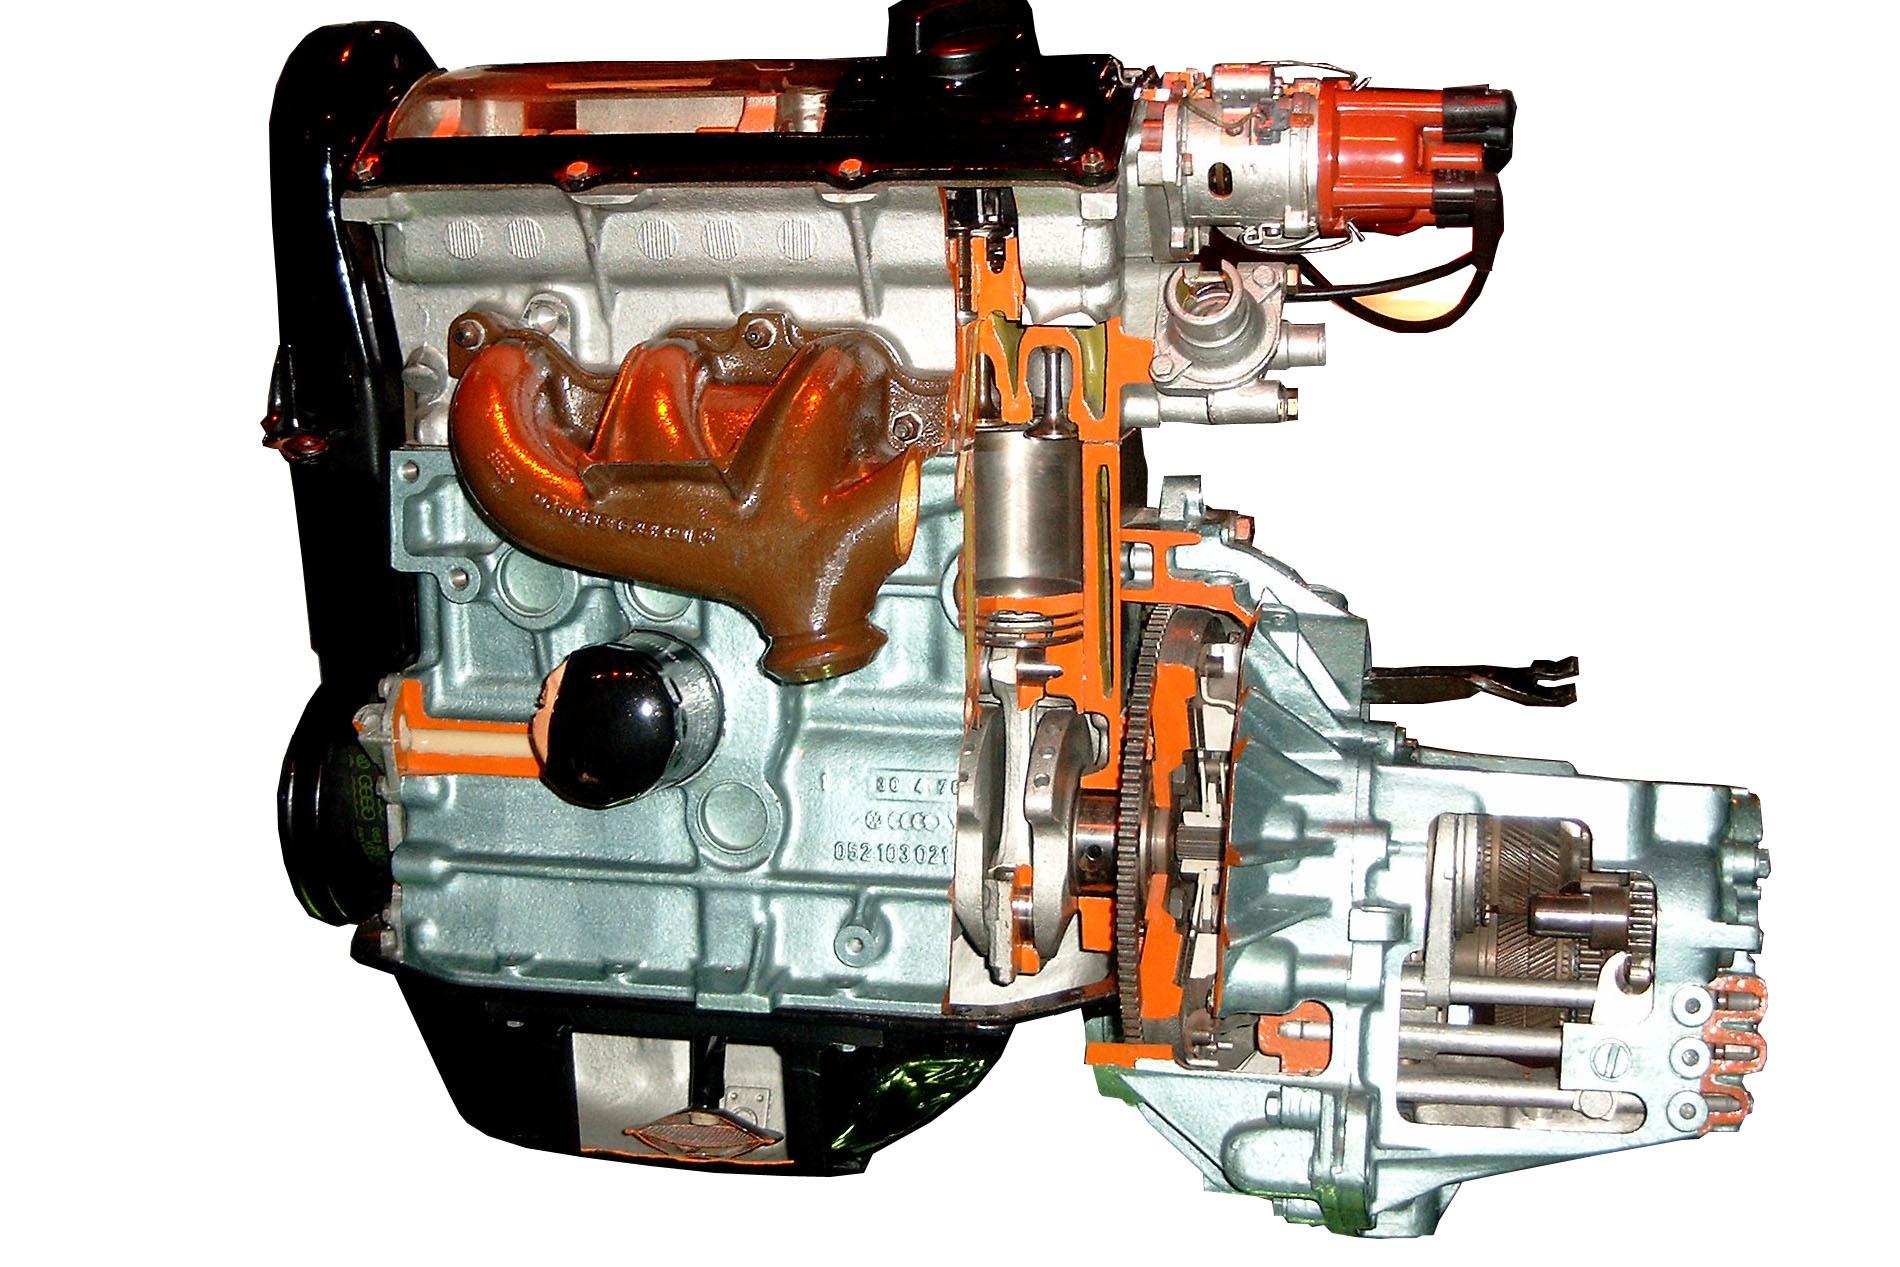 Blick in das Schnittmodell eines VW Golfmotors mit angeflanschtem Getriebe